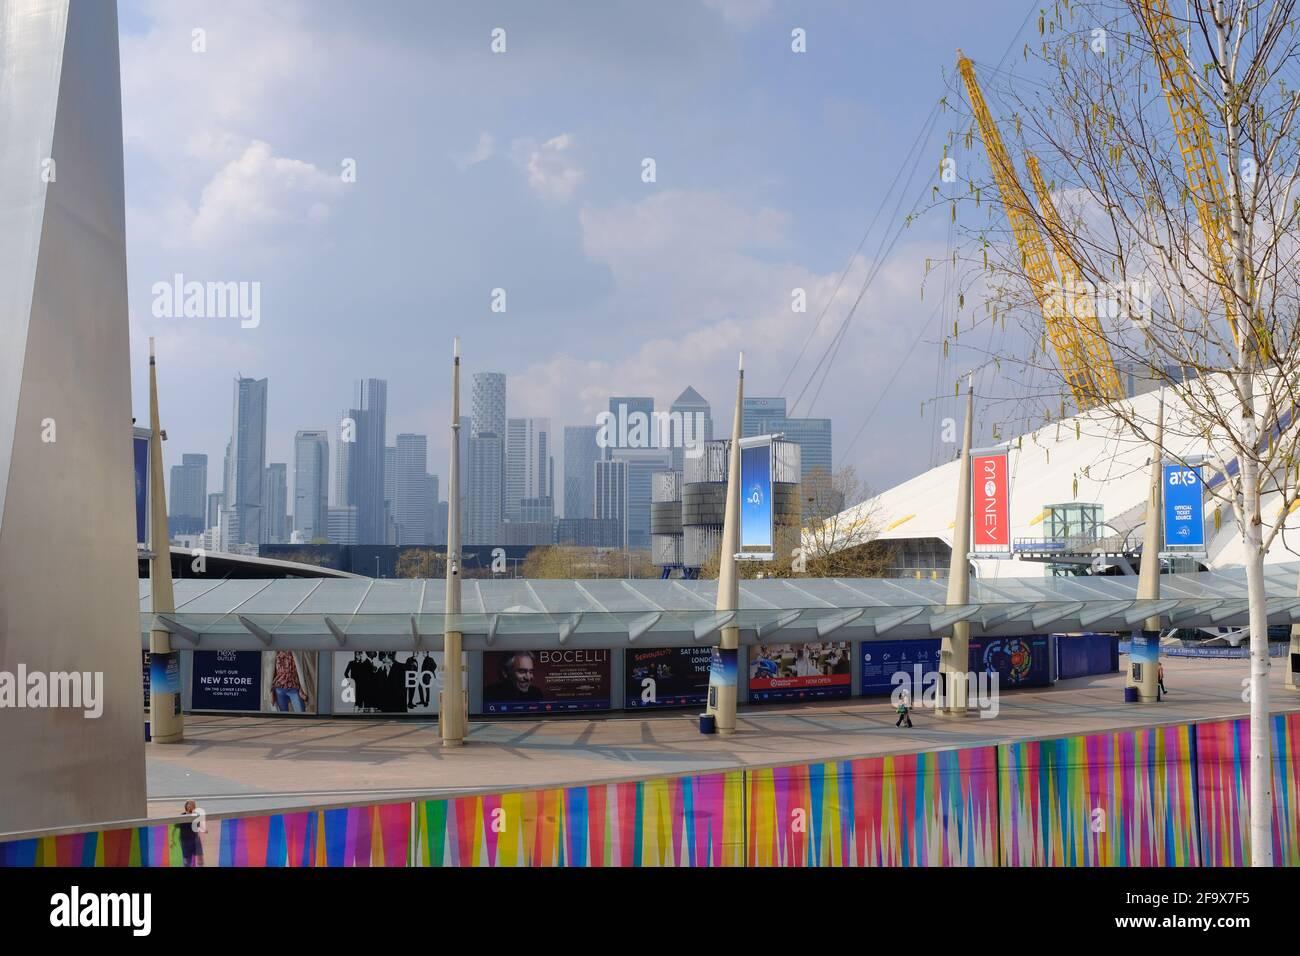 NORTH GREENWICH, LONDRES - 20 AVRIL 2021 : installation artistique par l'artiste Liz West et vue sur l'O2 Arena et Canary Wharf. Banque D'Images